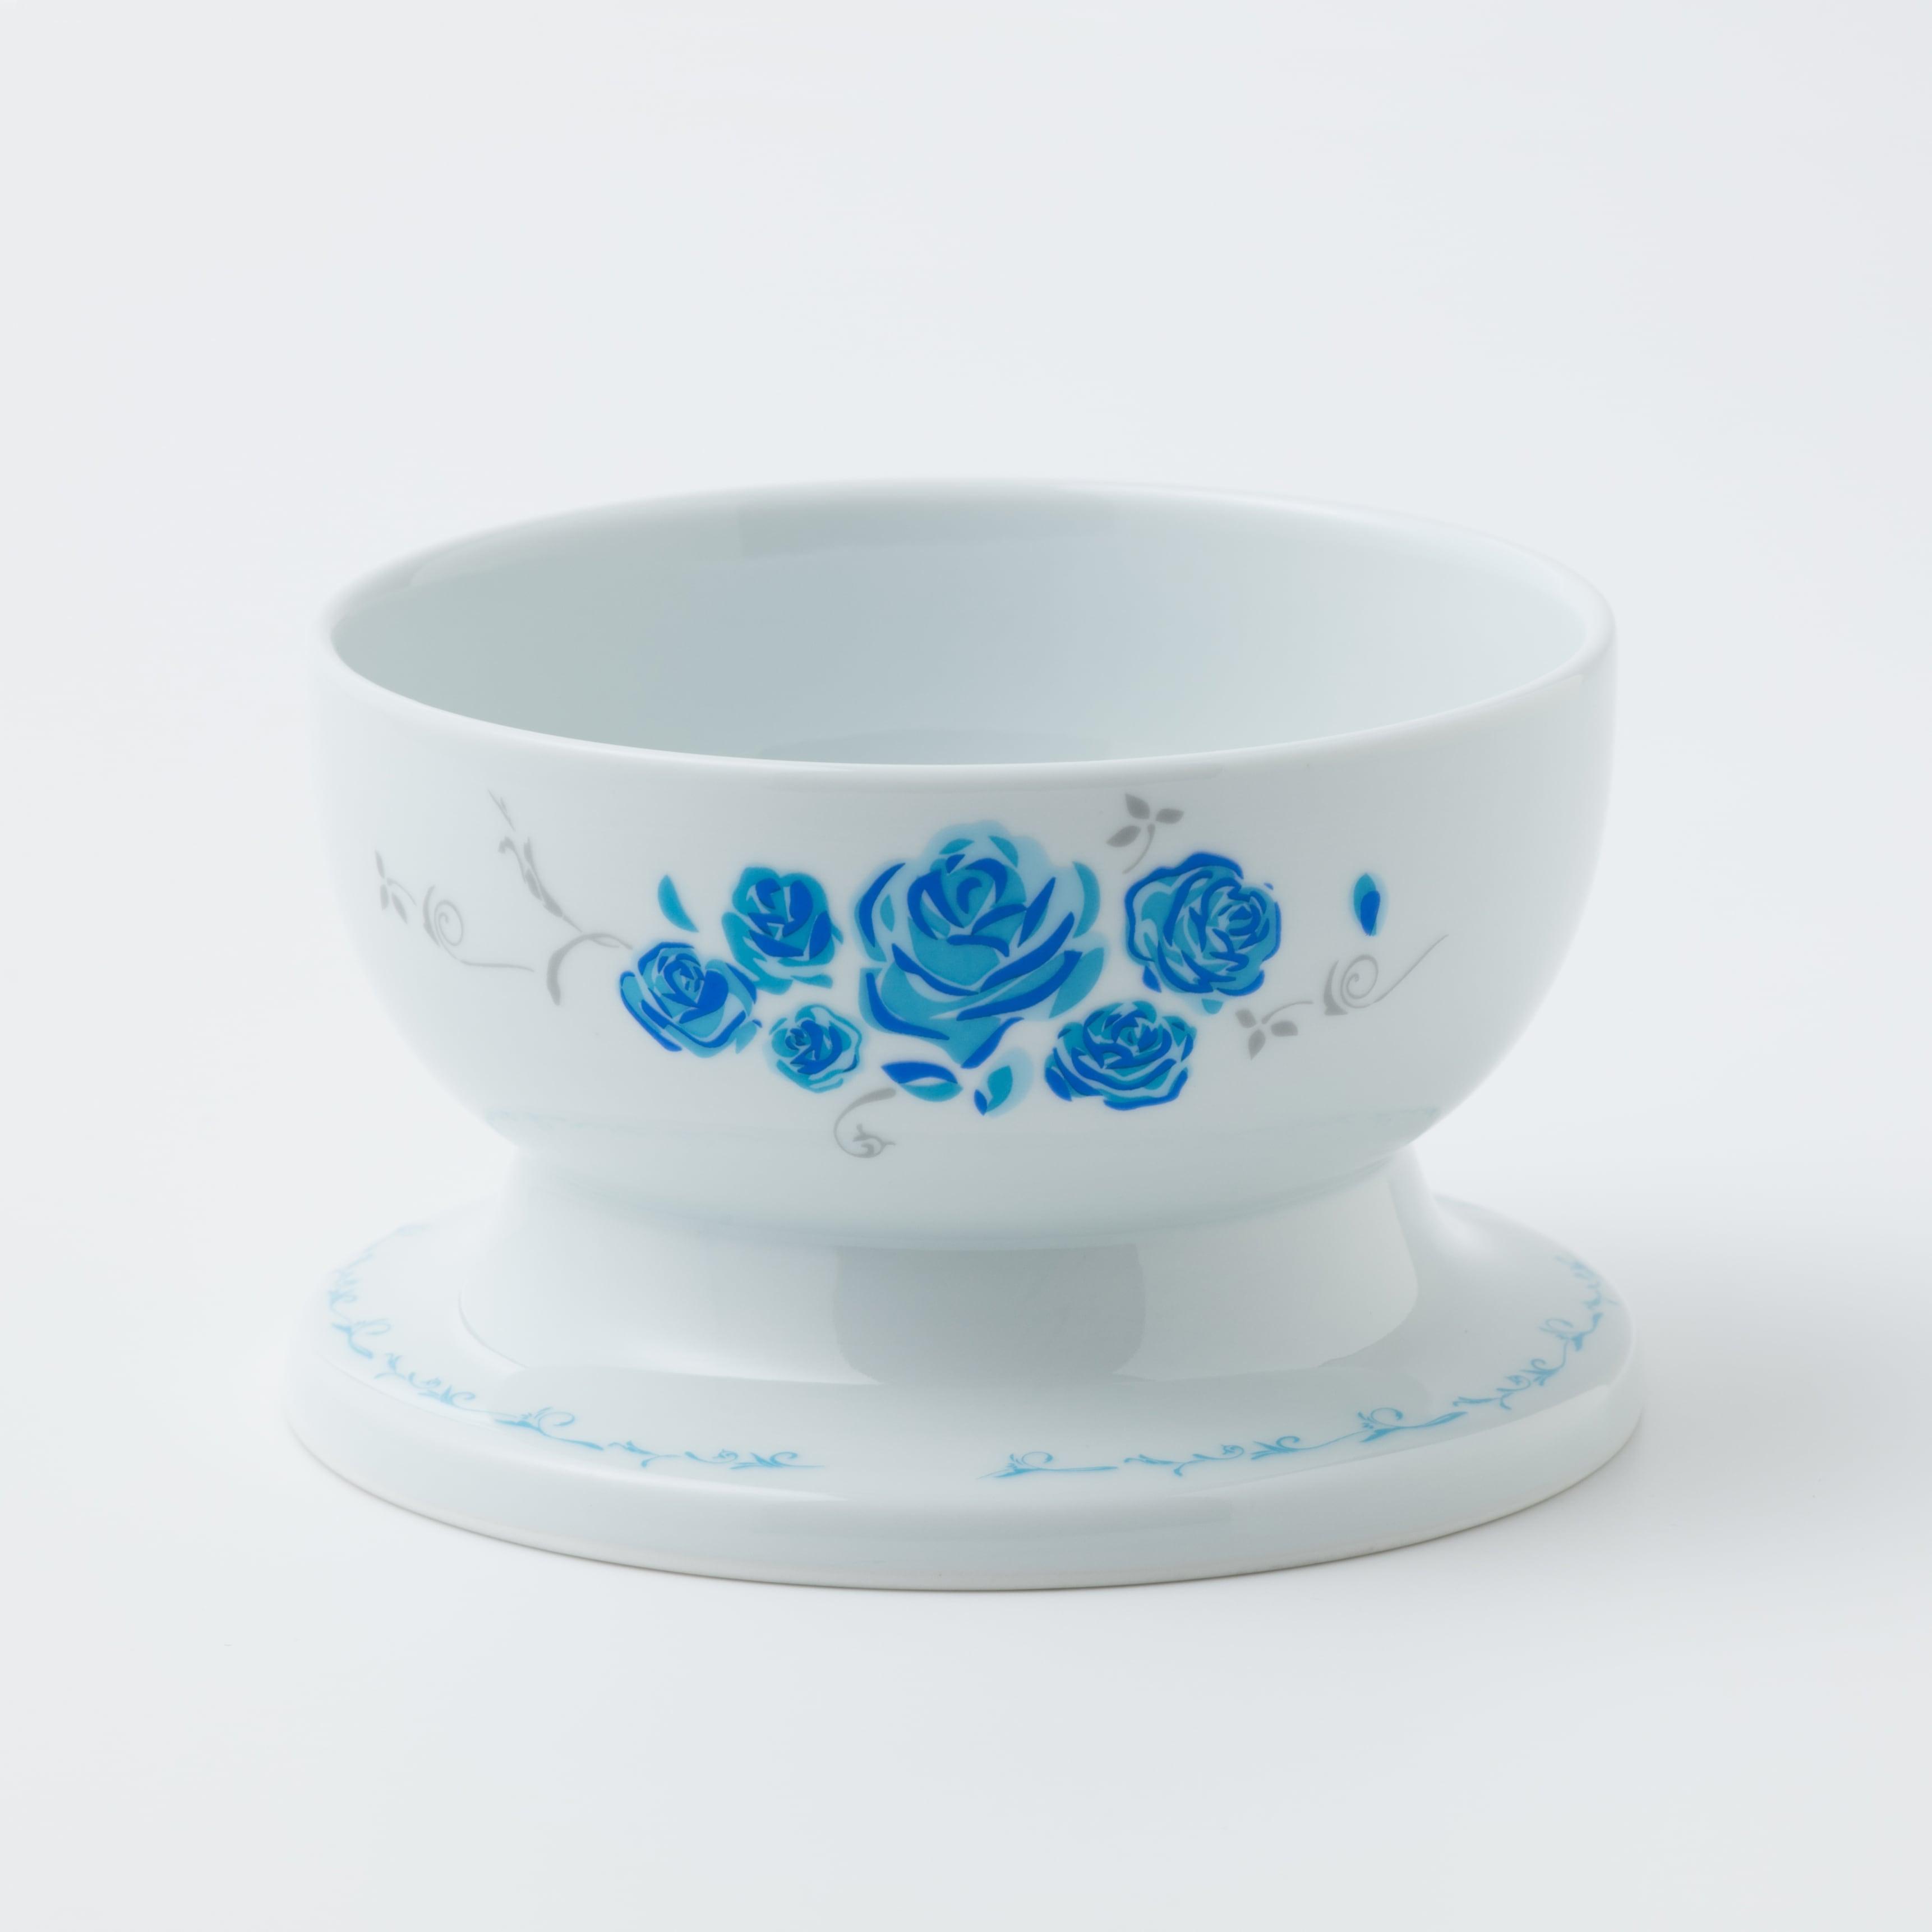 有田焼【ローズ】 ロータイプ(水用) ブルー 製造:江口製陶所